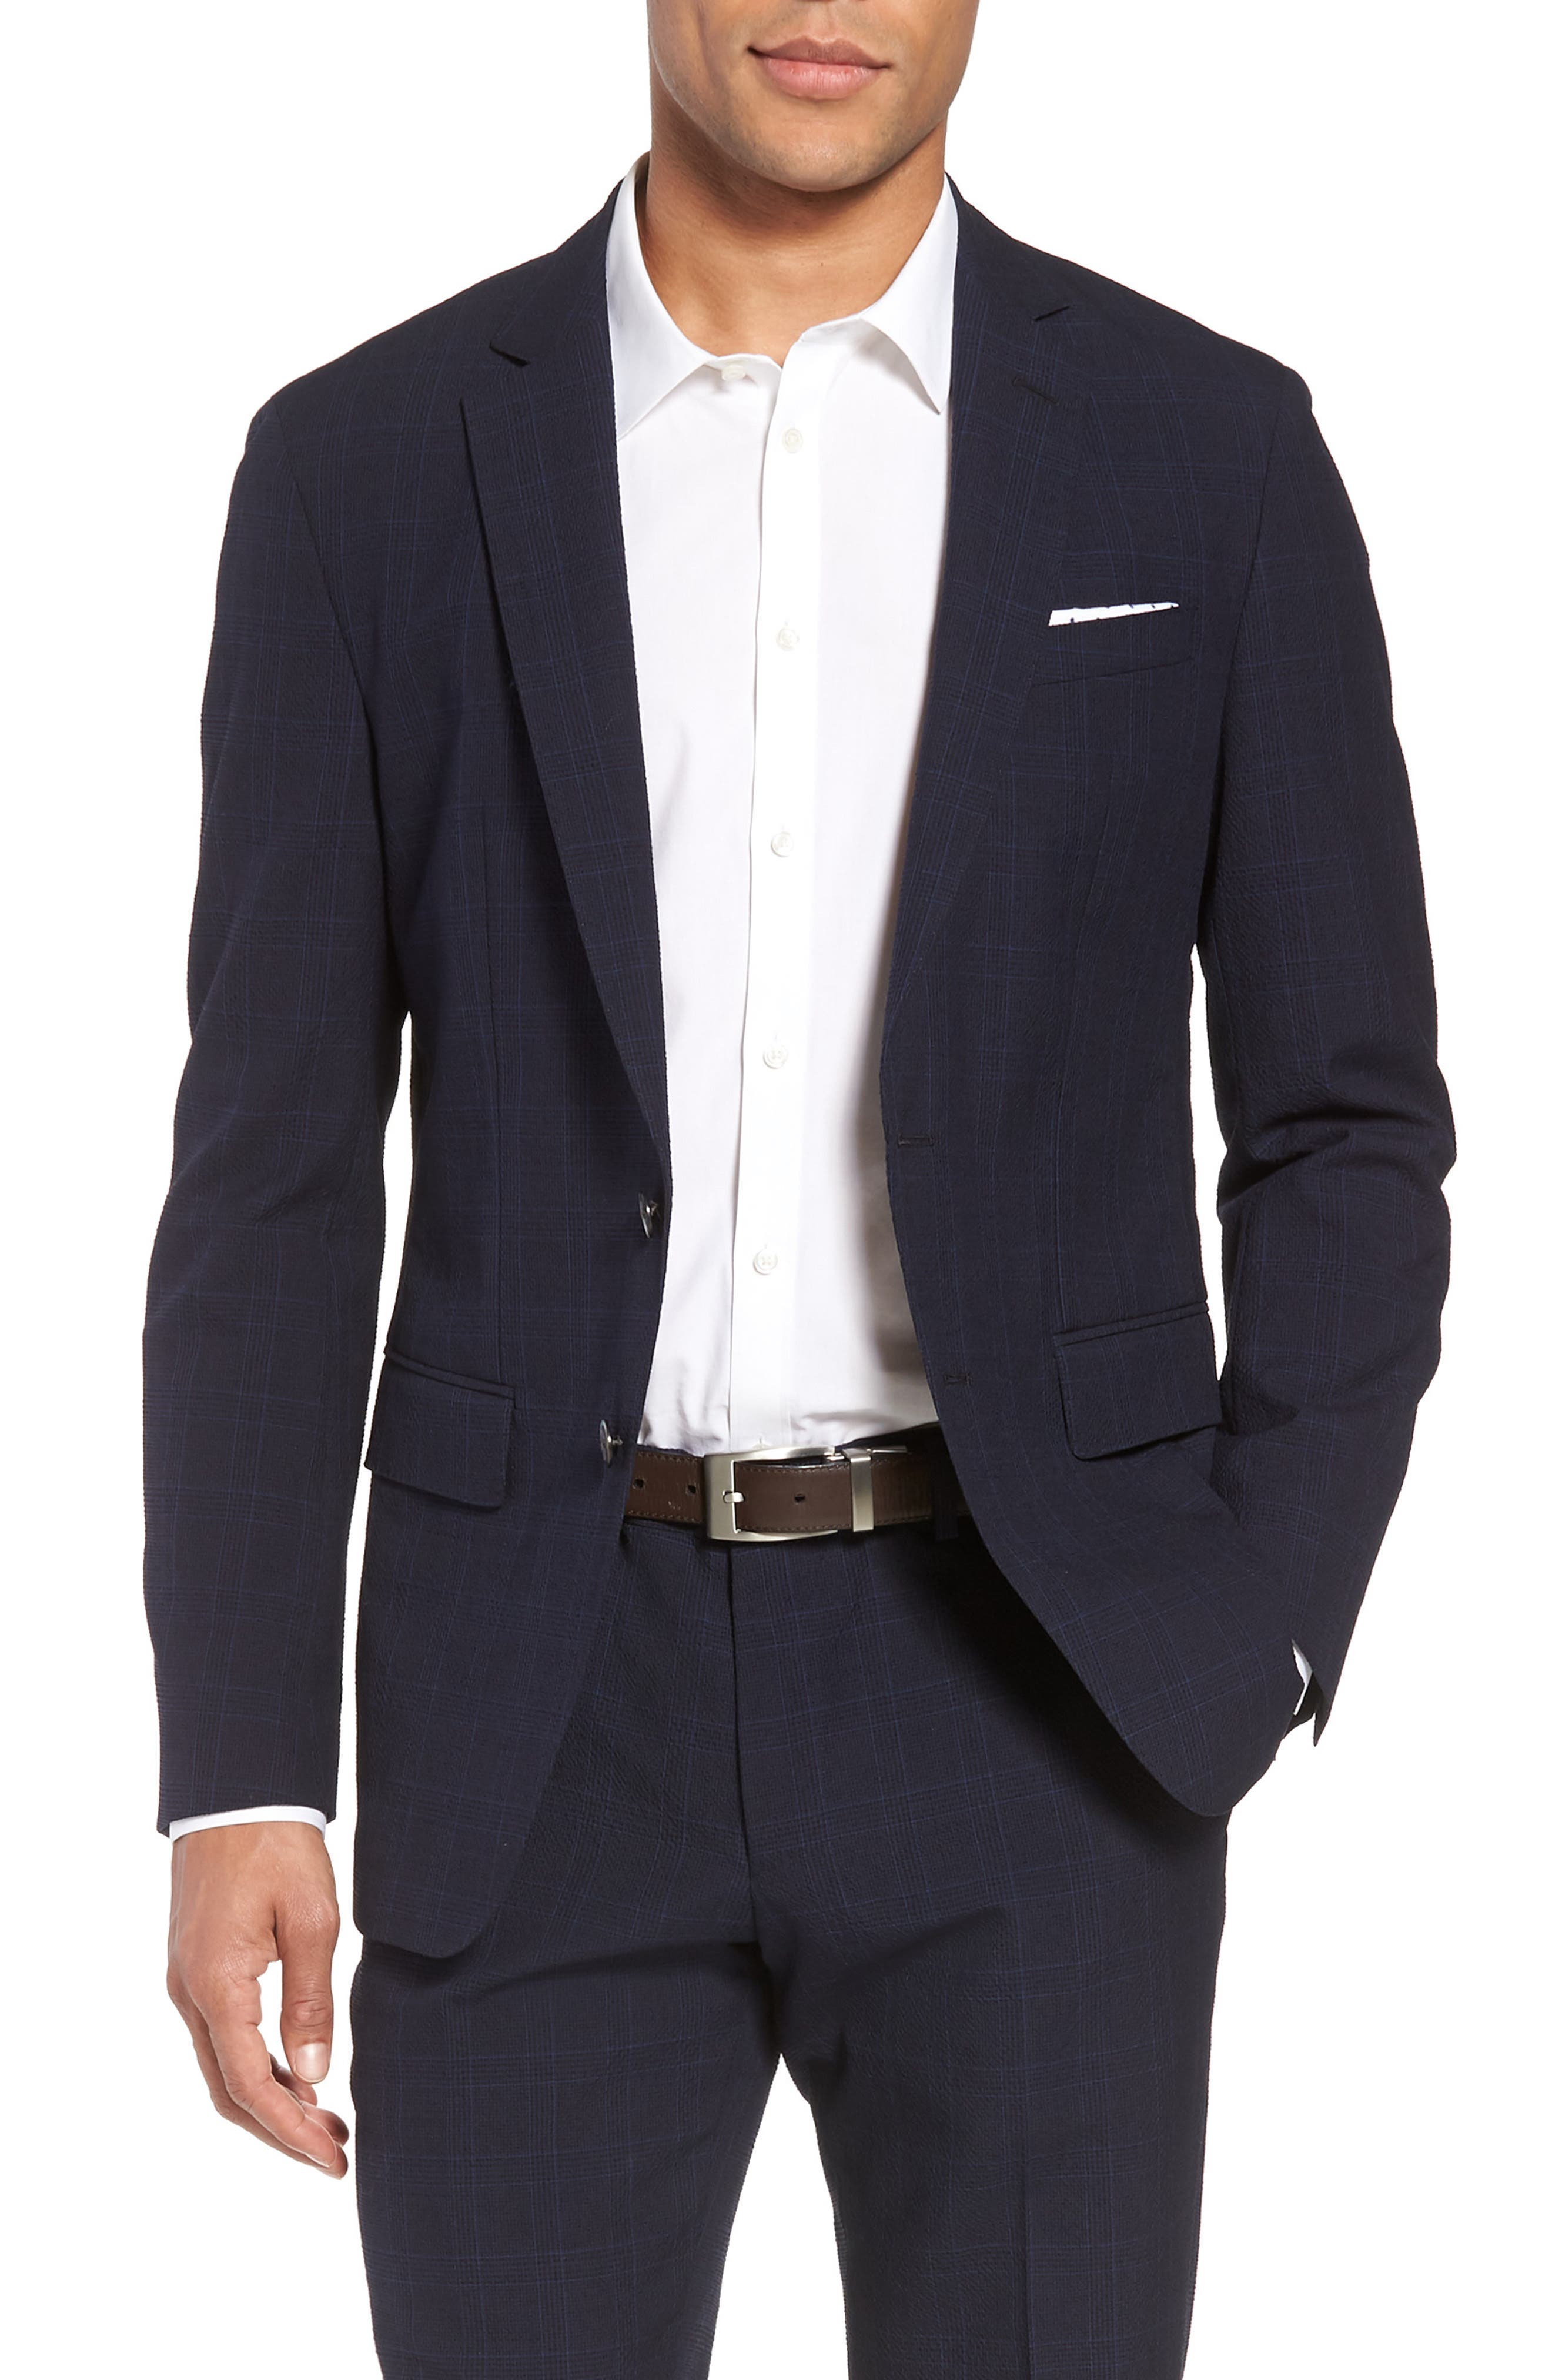 Helford/Gander Trim Fit Plaid Wool & Cotton Suit,                             Alternate thumbnail 5, color,